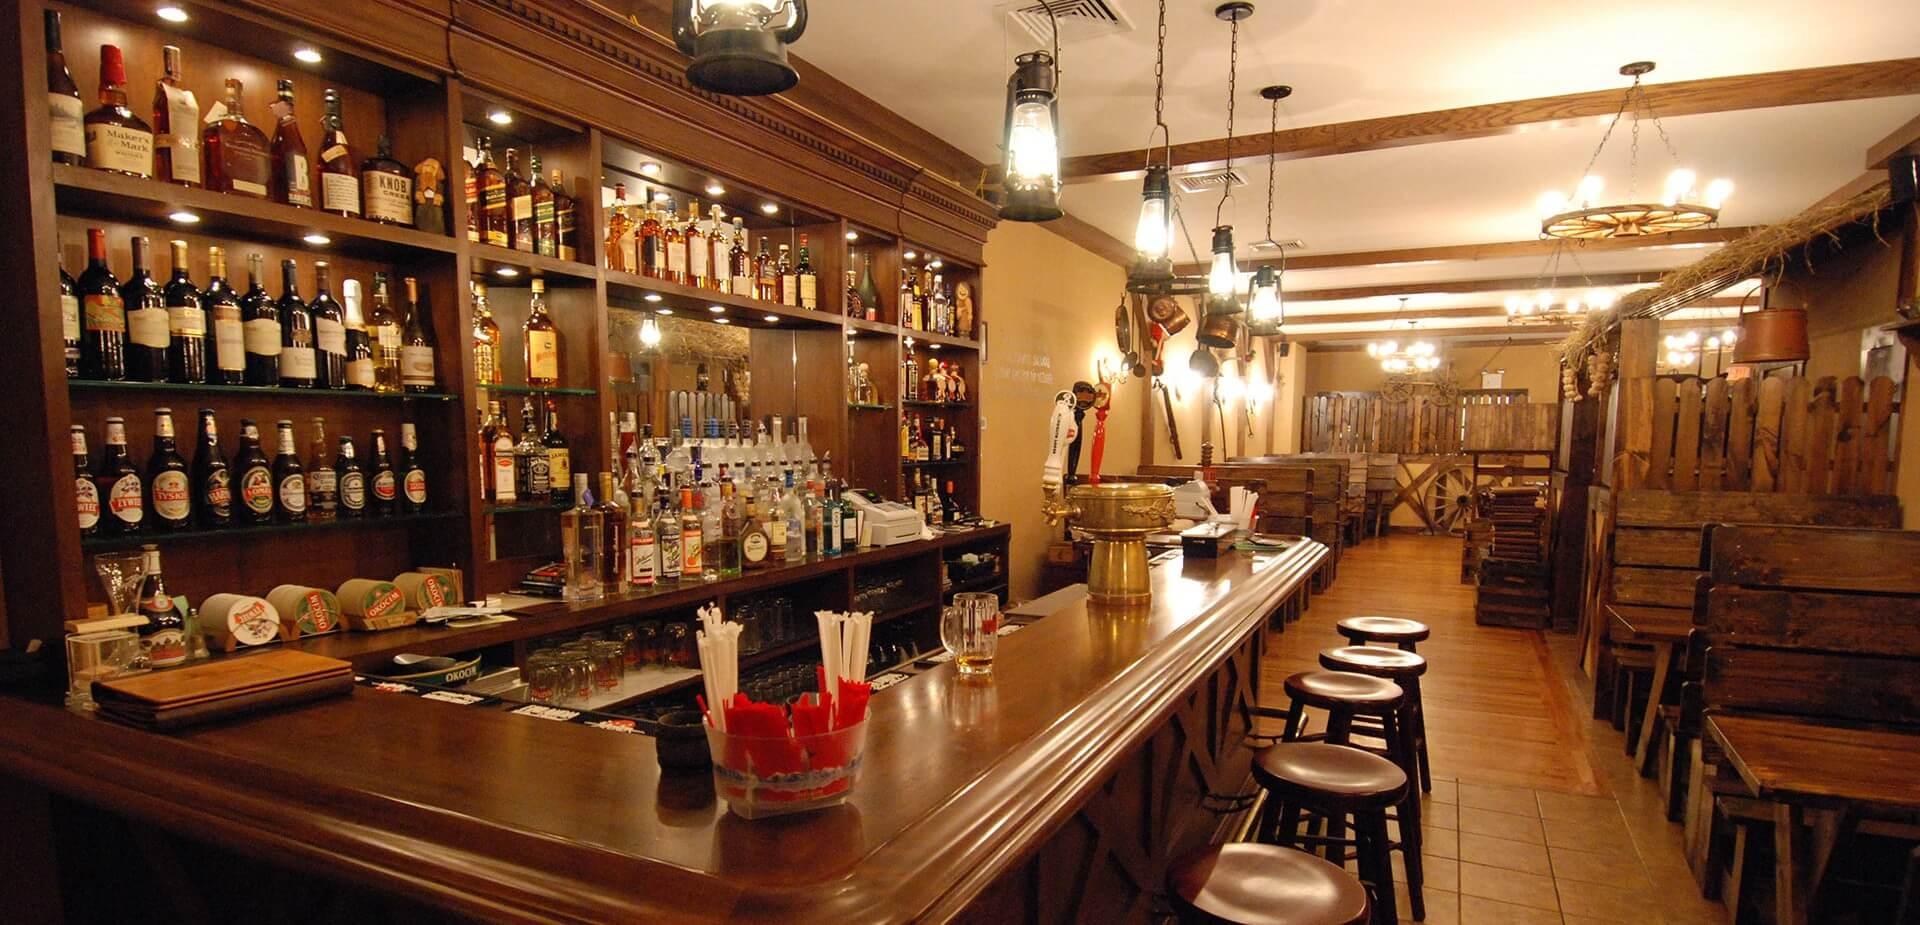 Karczma Restaurant Greenpoint Ny